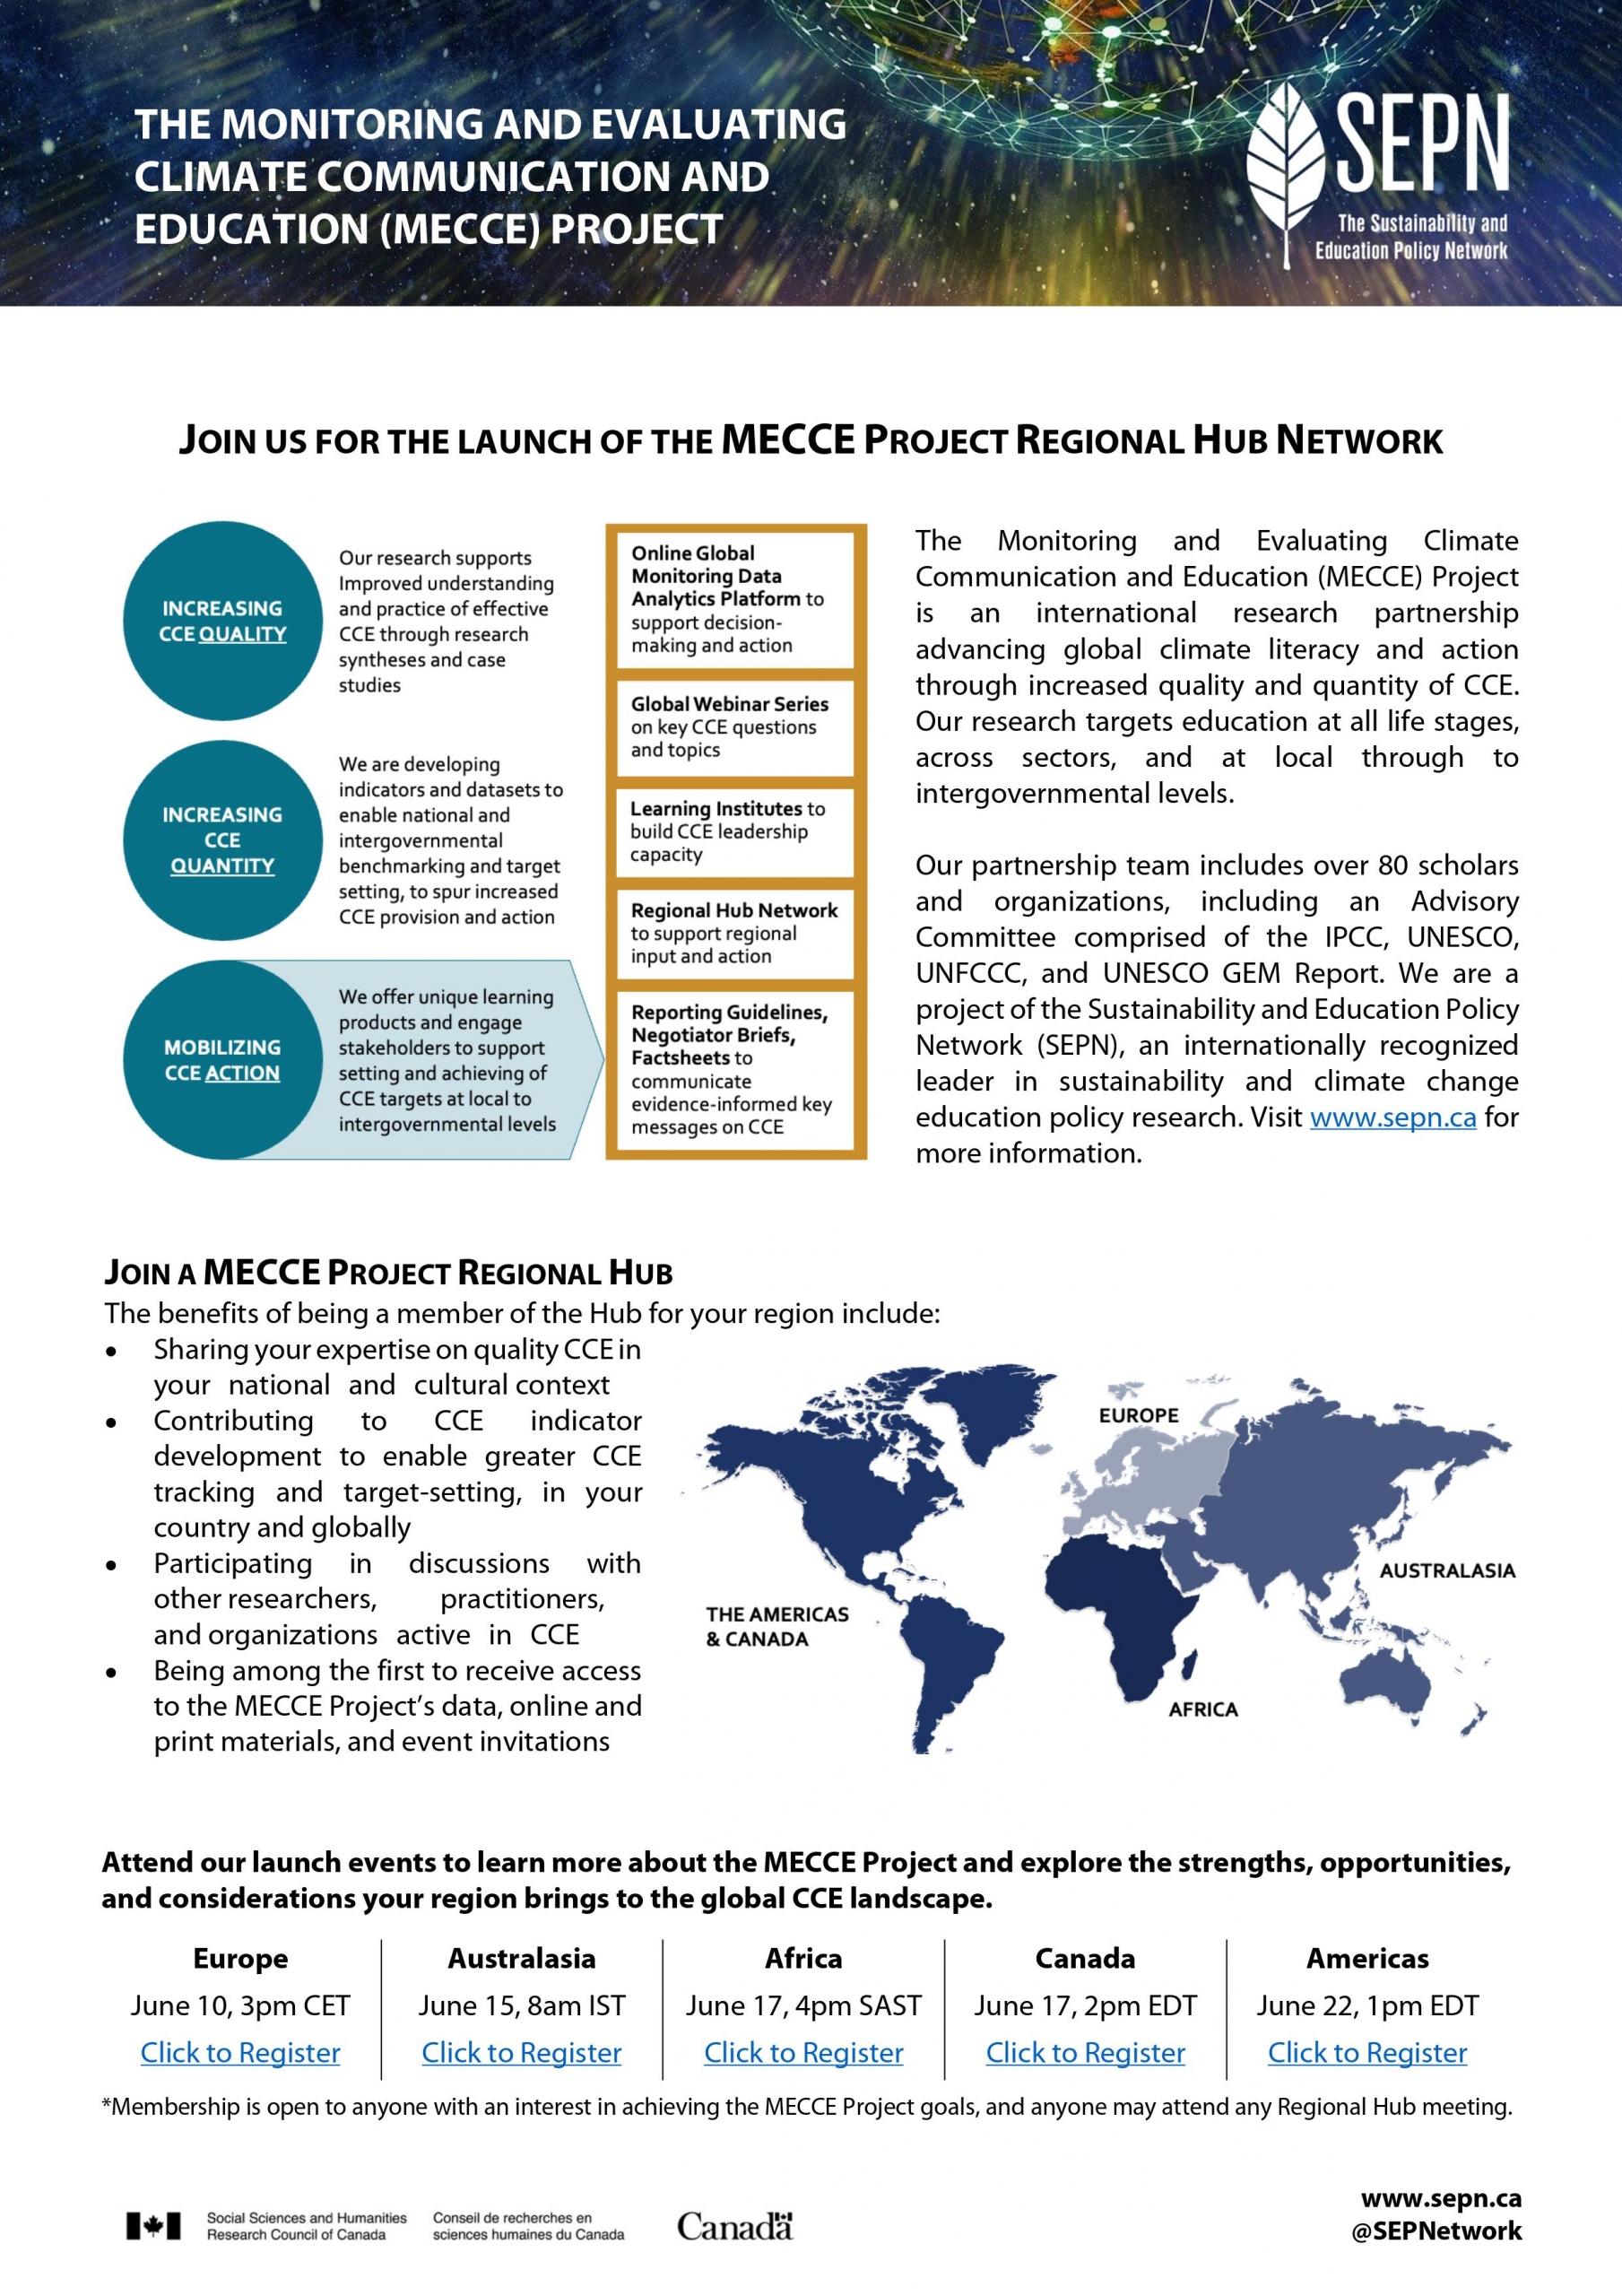 MECCE project